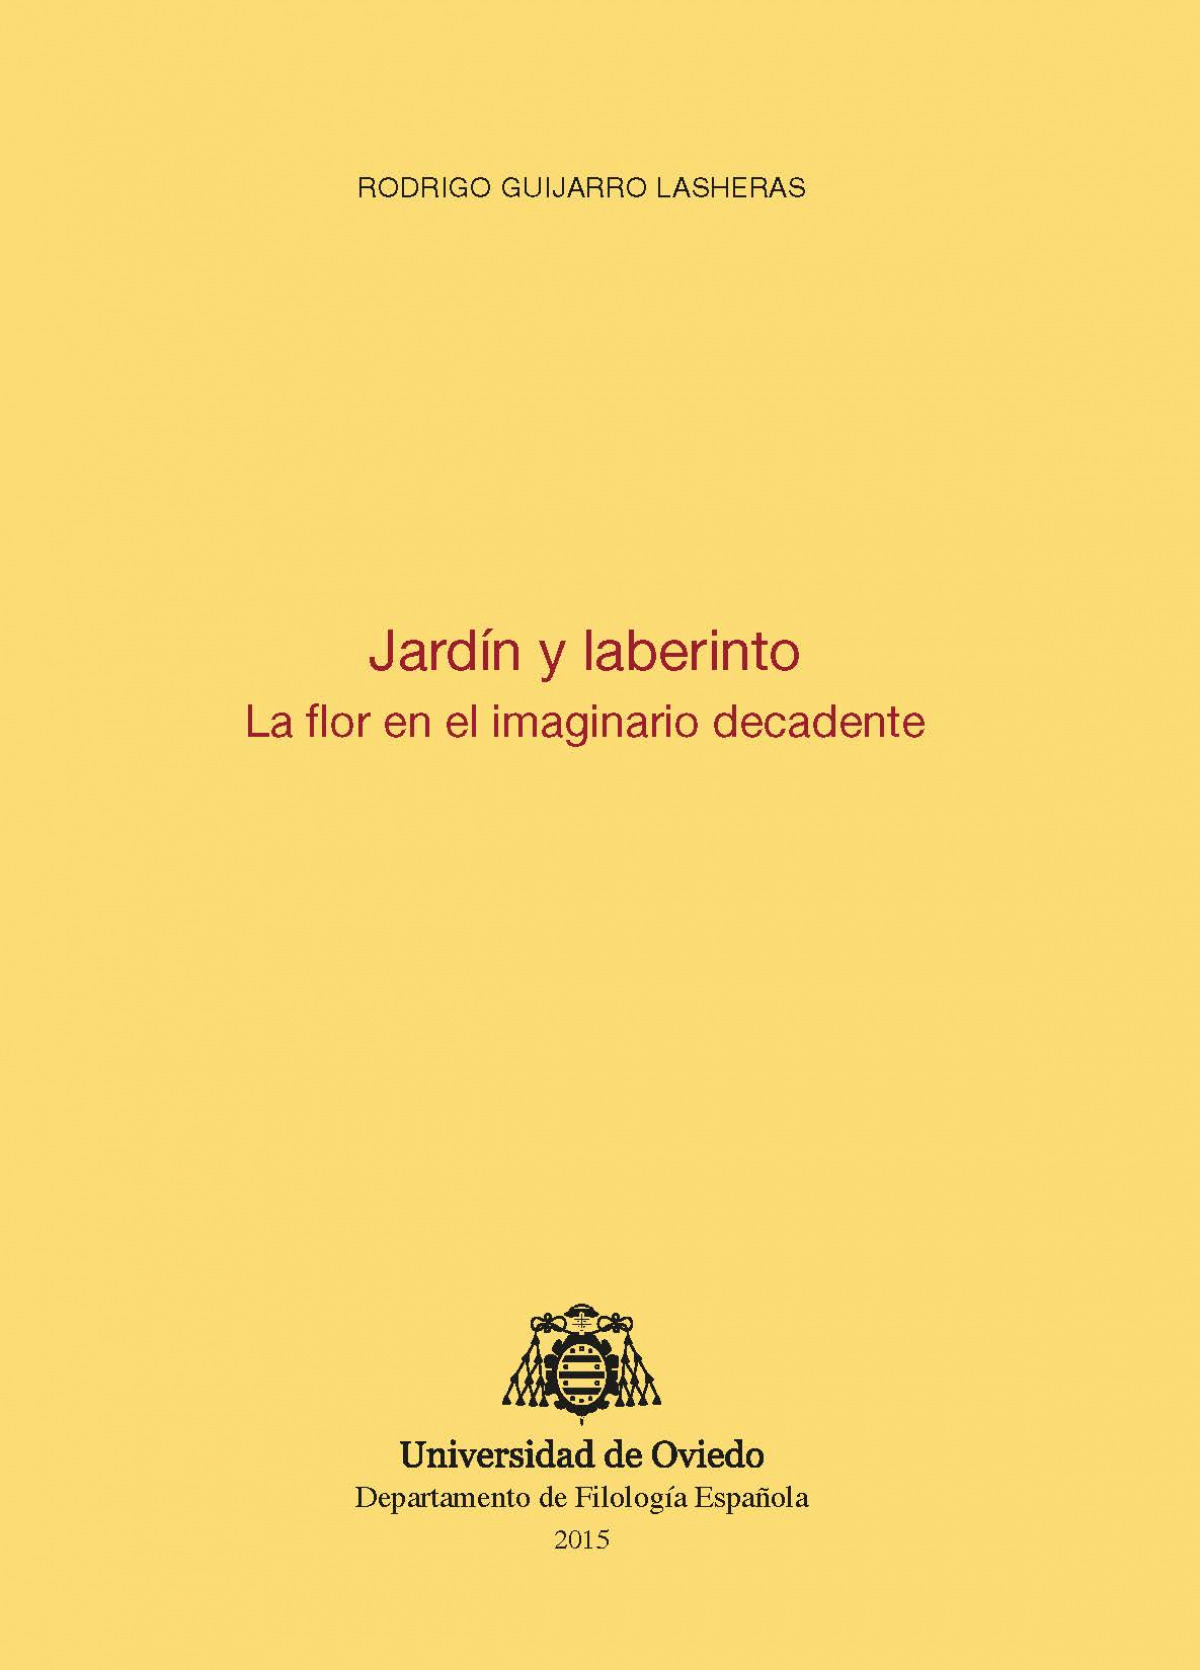 Jardín y laberinto. La flor en el imaginario decadente - Guijarro Lasheras, Rodrigo